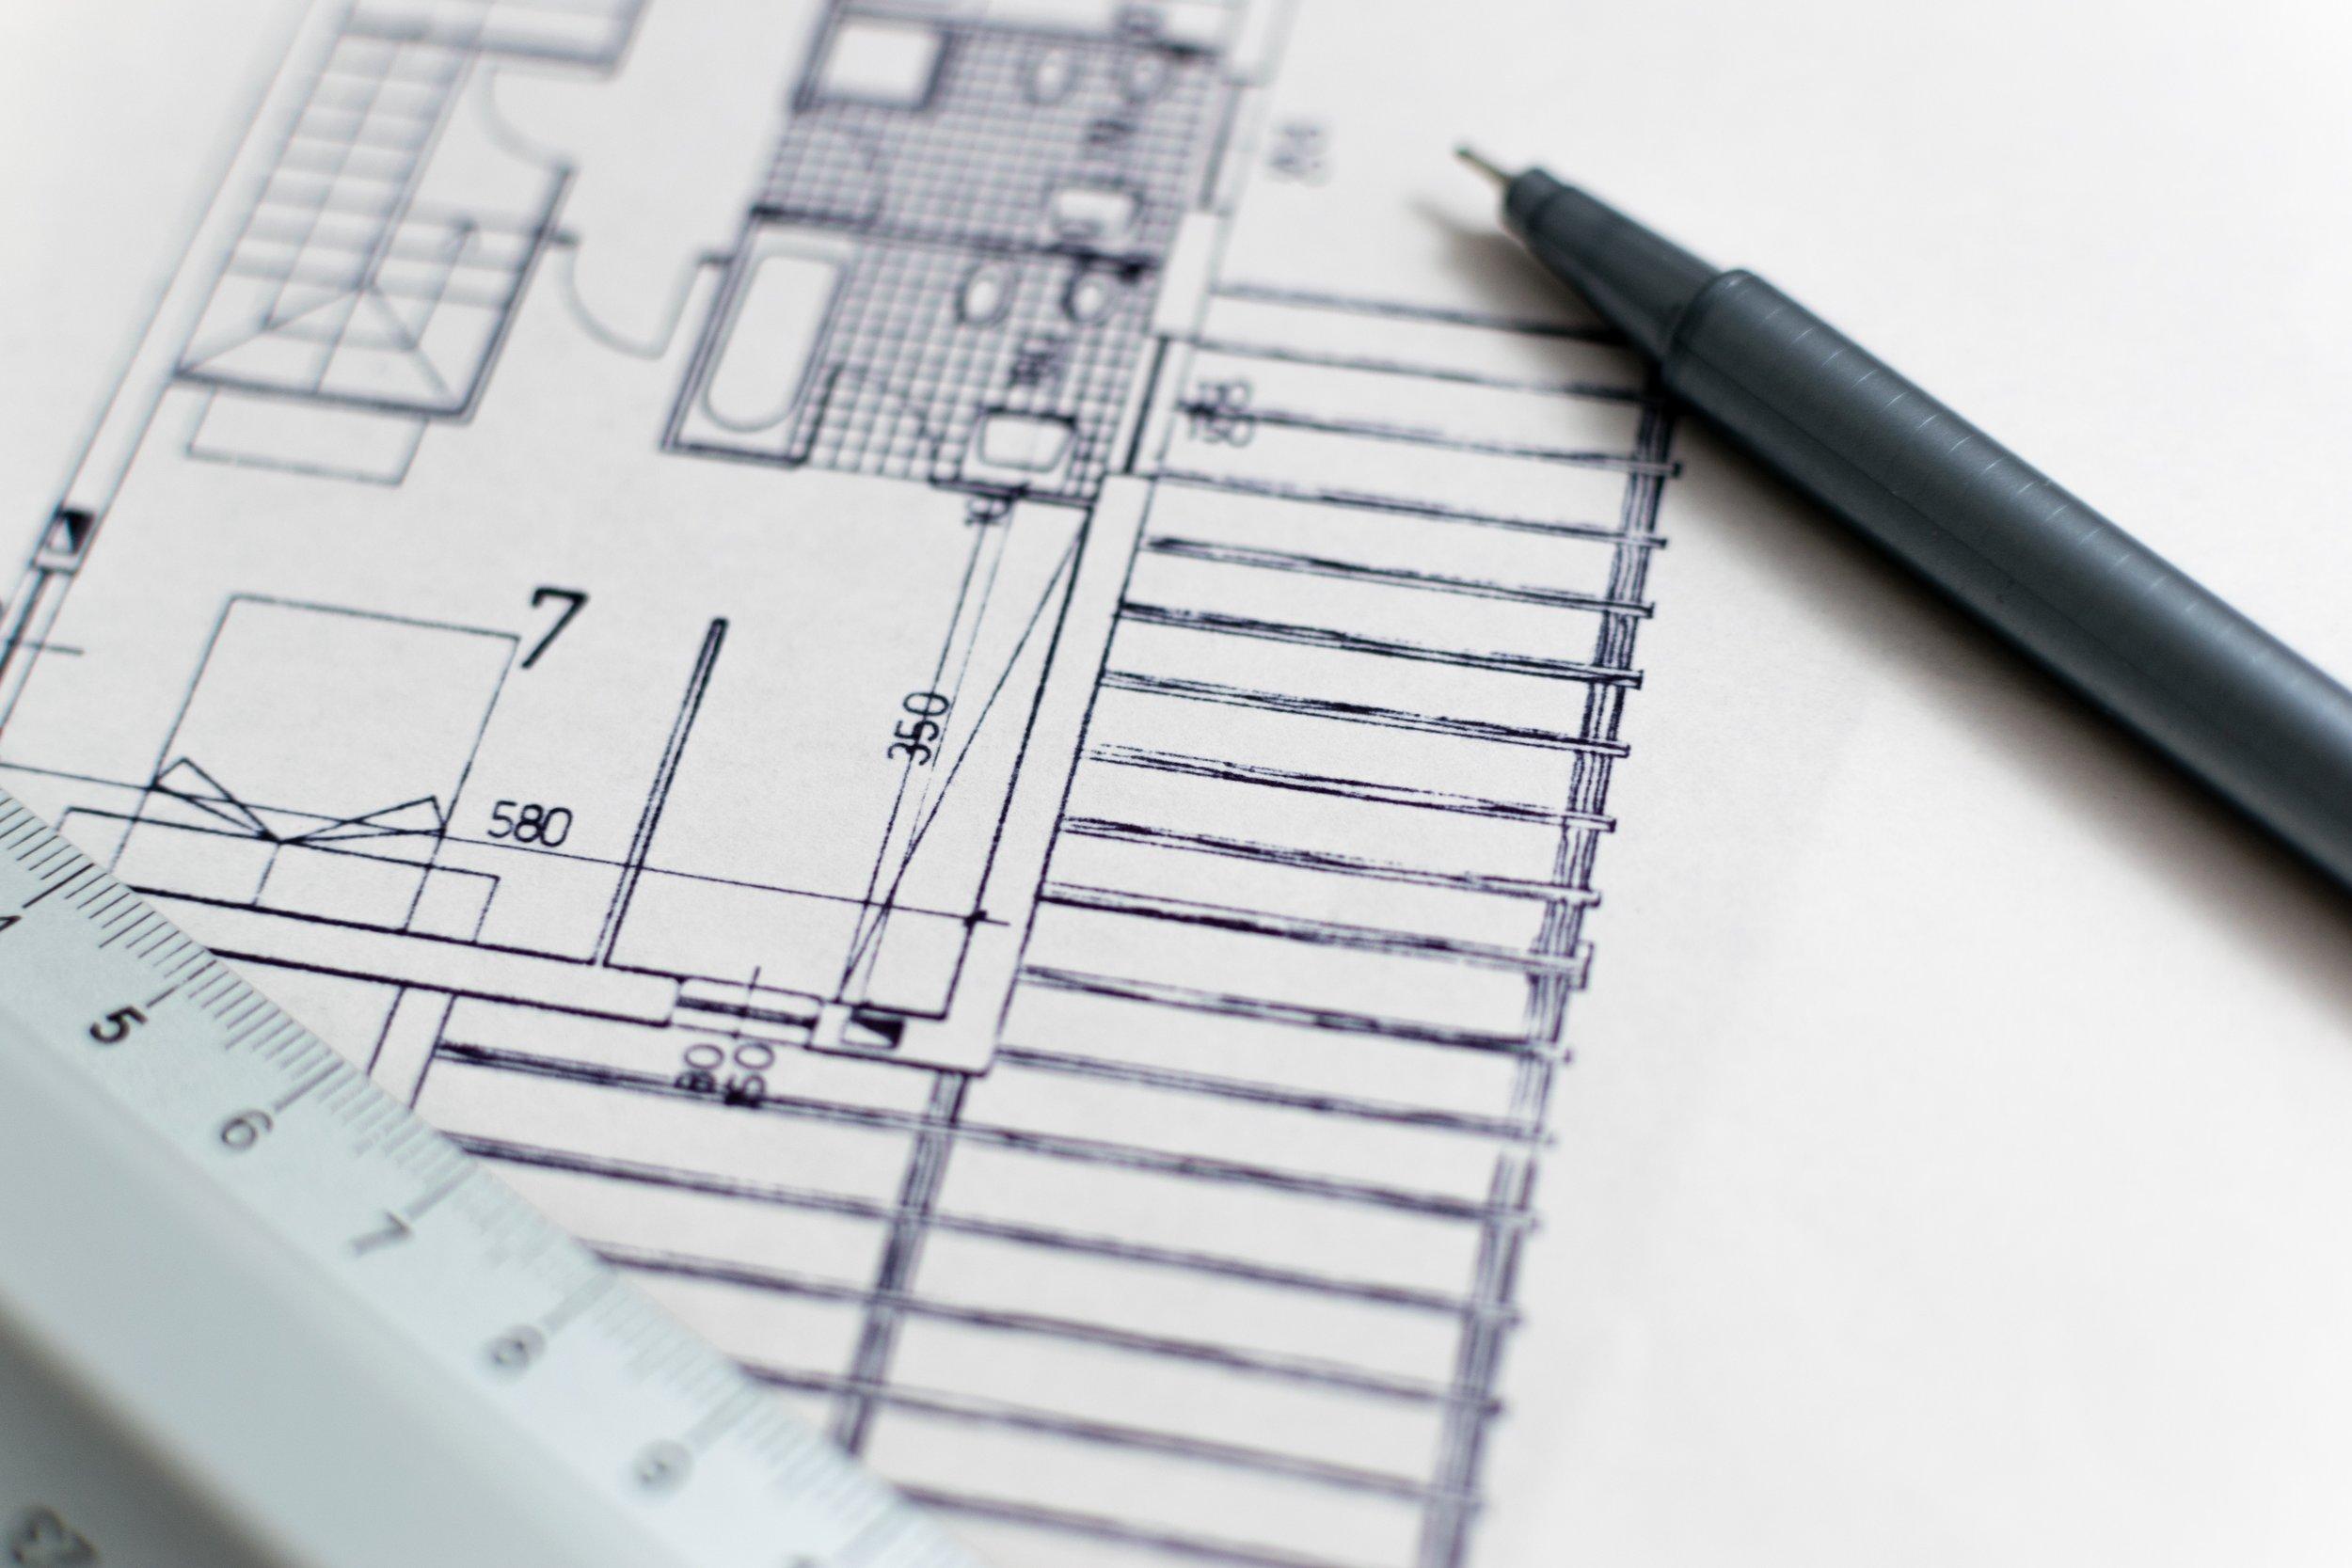 architectural-design-architecture-blueprint-239886.jpg